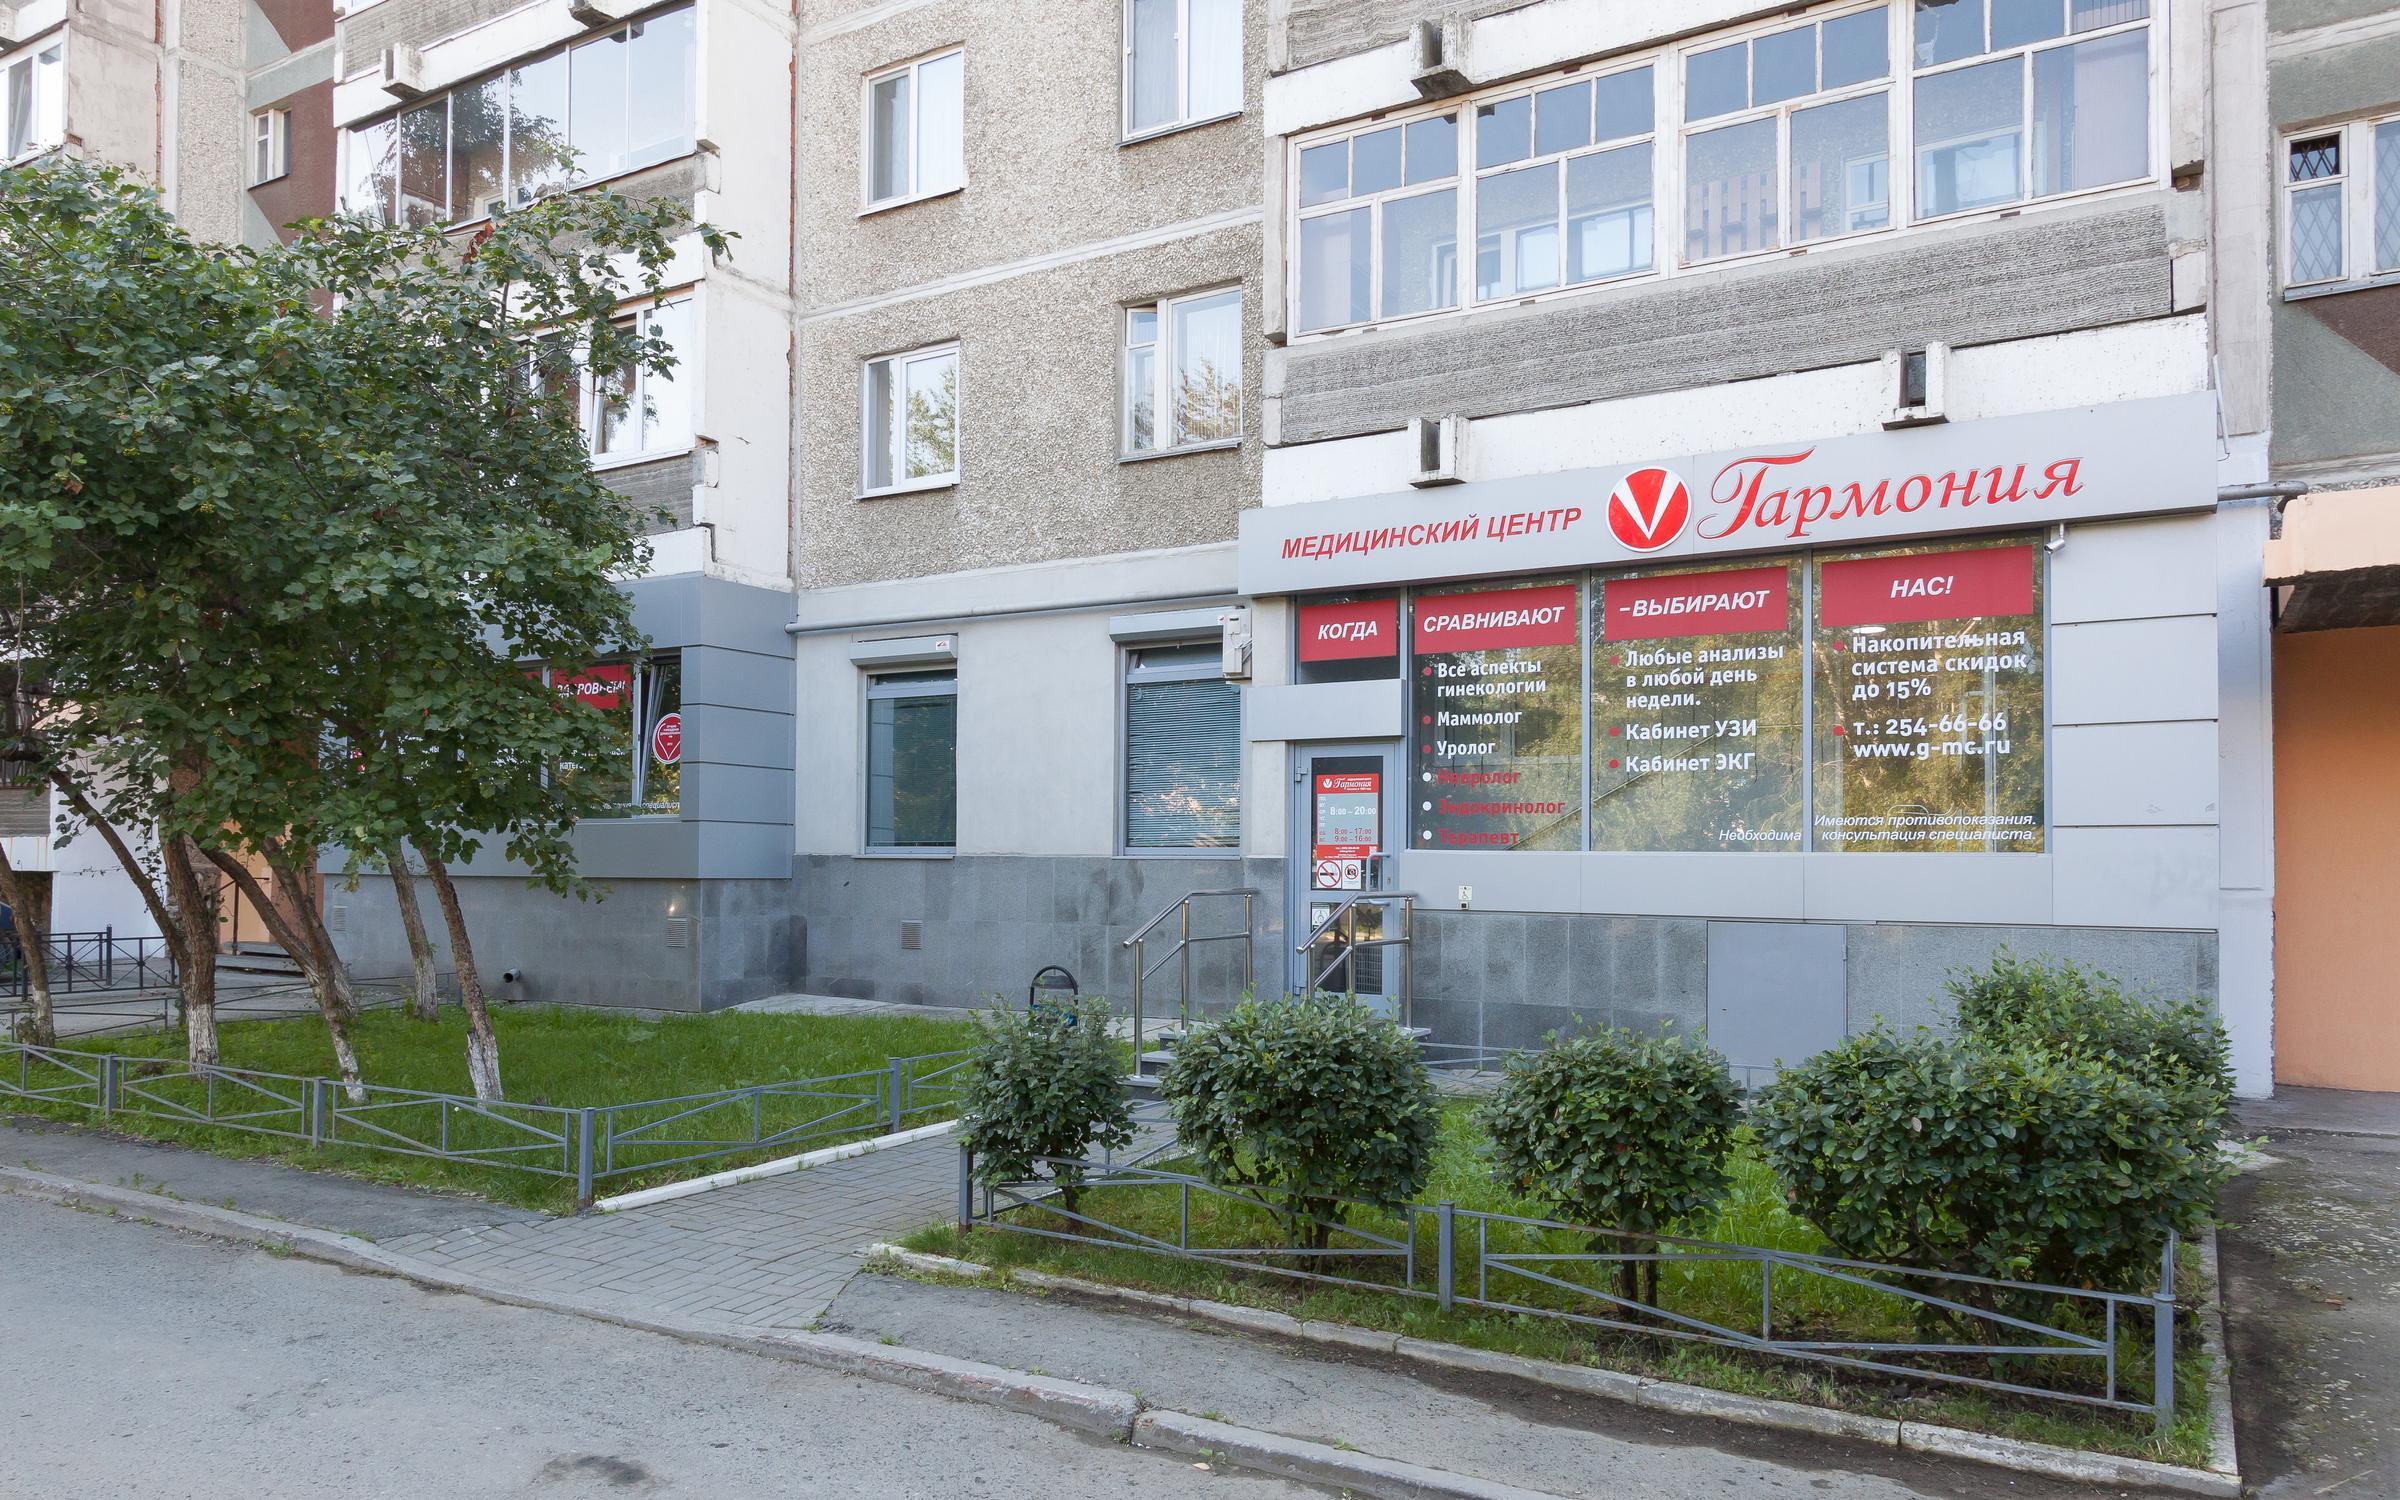 фотография Медицинского центра Гармония на улице Черепанова